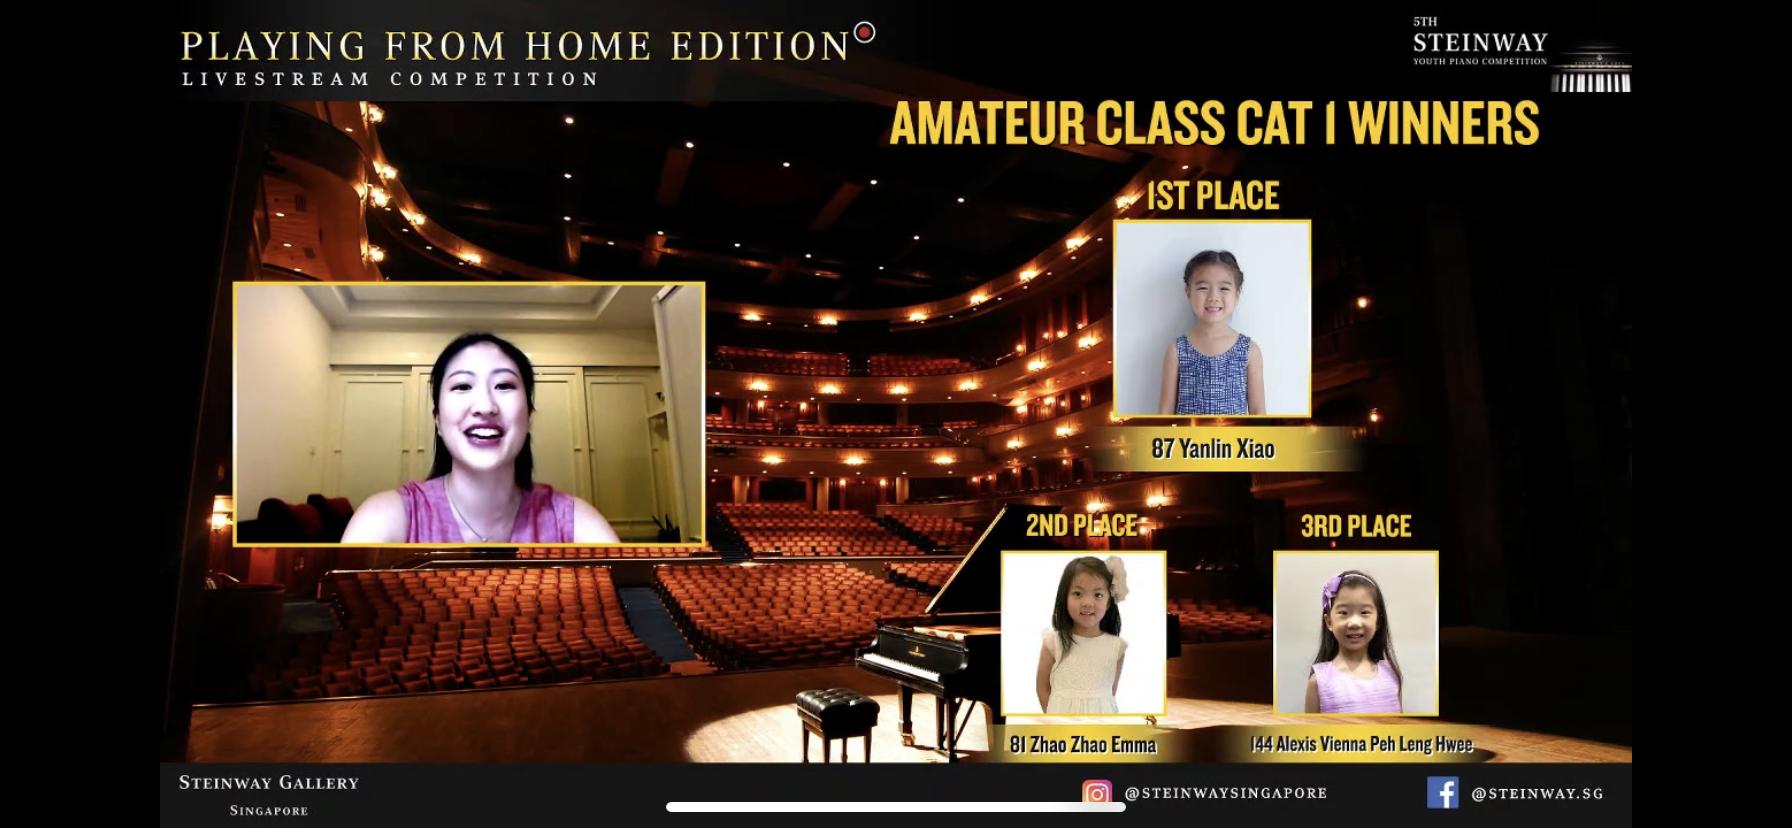 Xiao Yan Lin Won First Prize